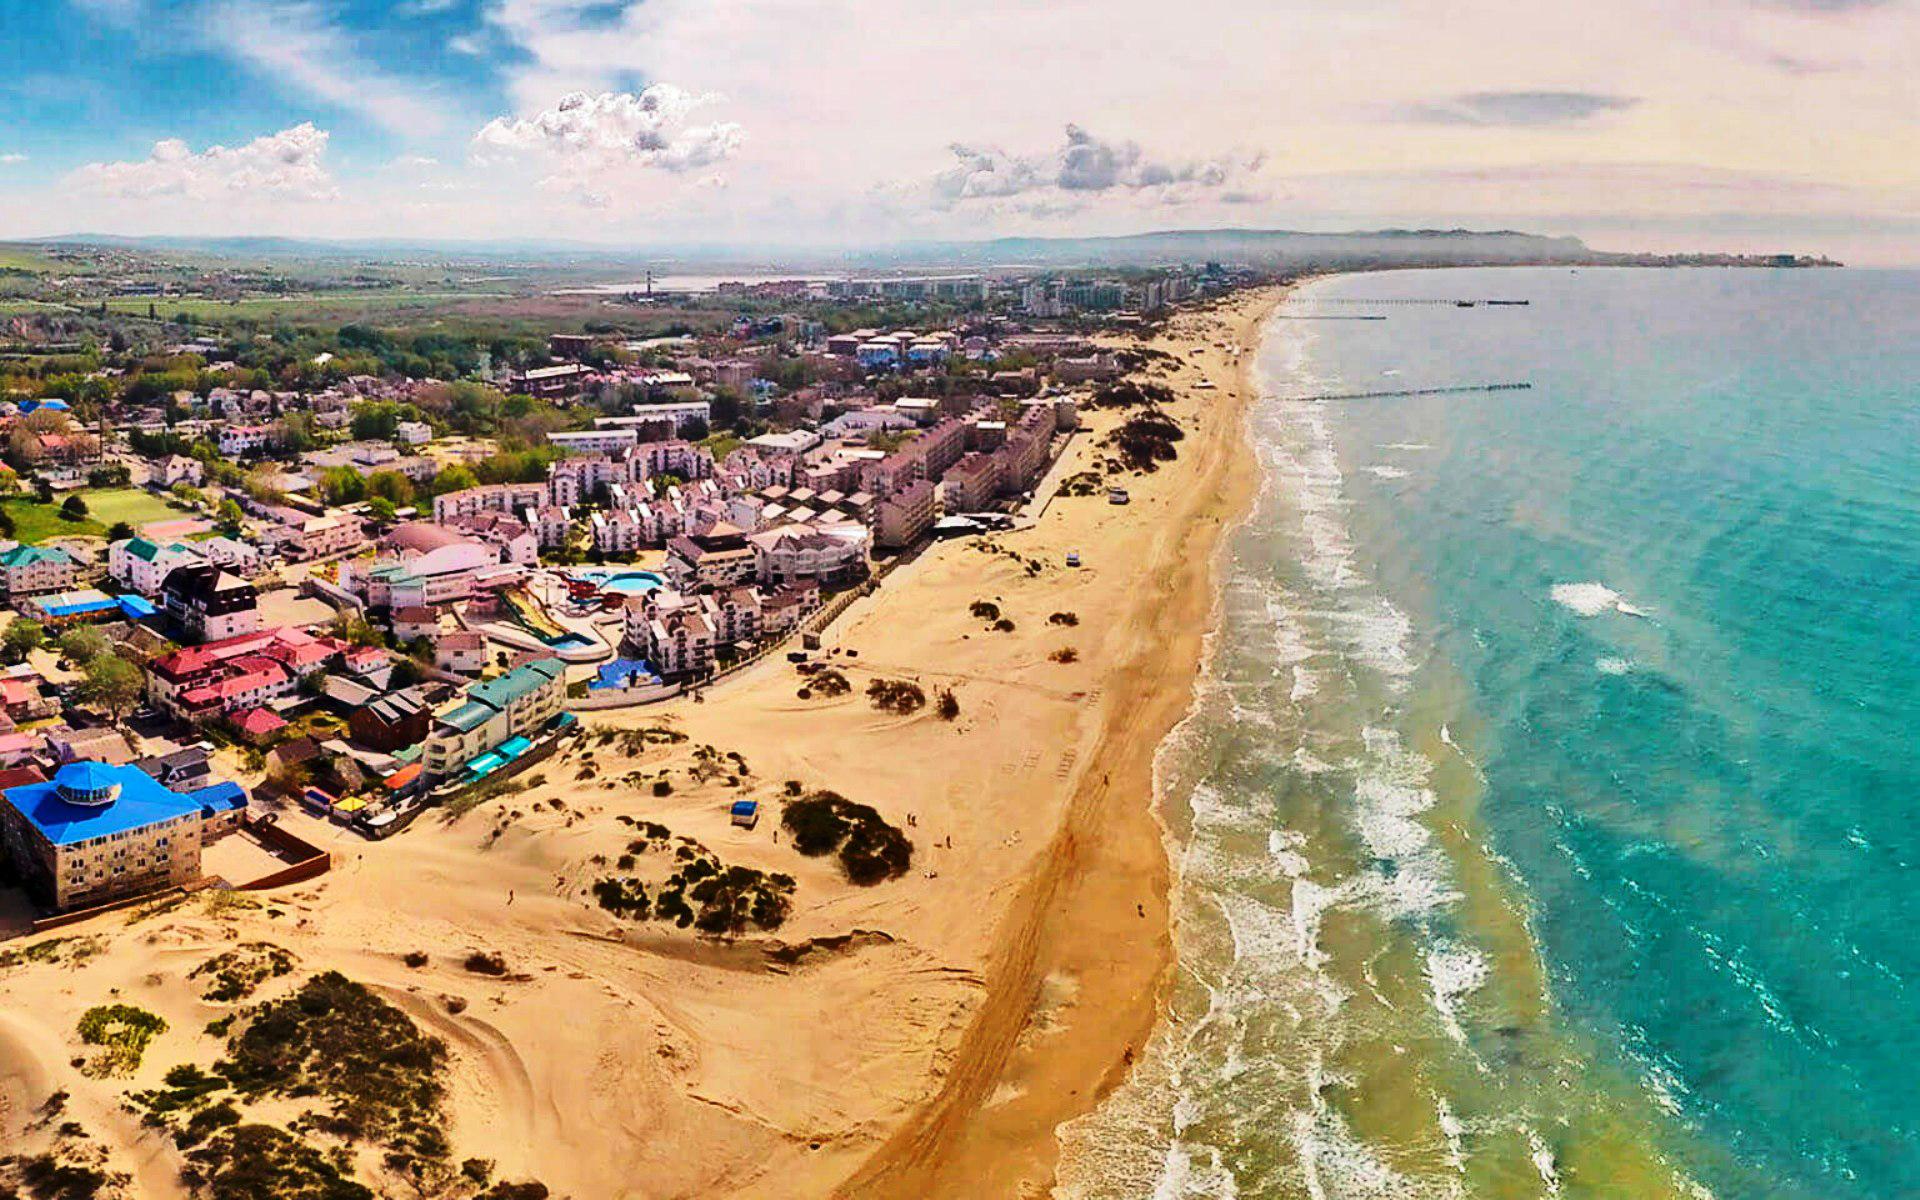 Джемете фото поселка и пляжа 2018